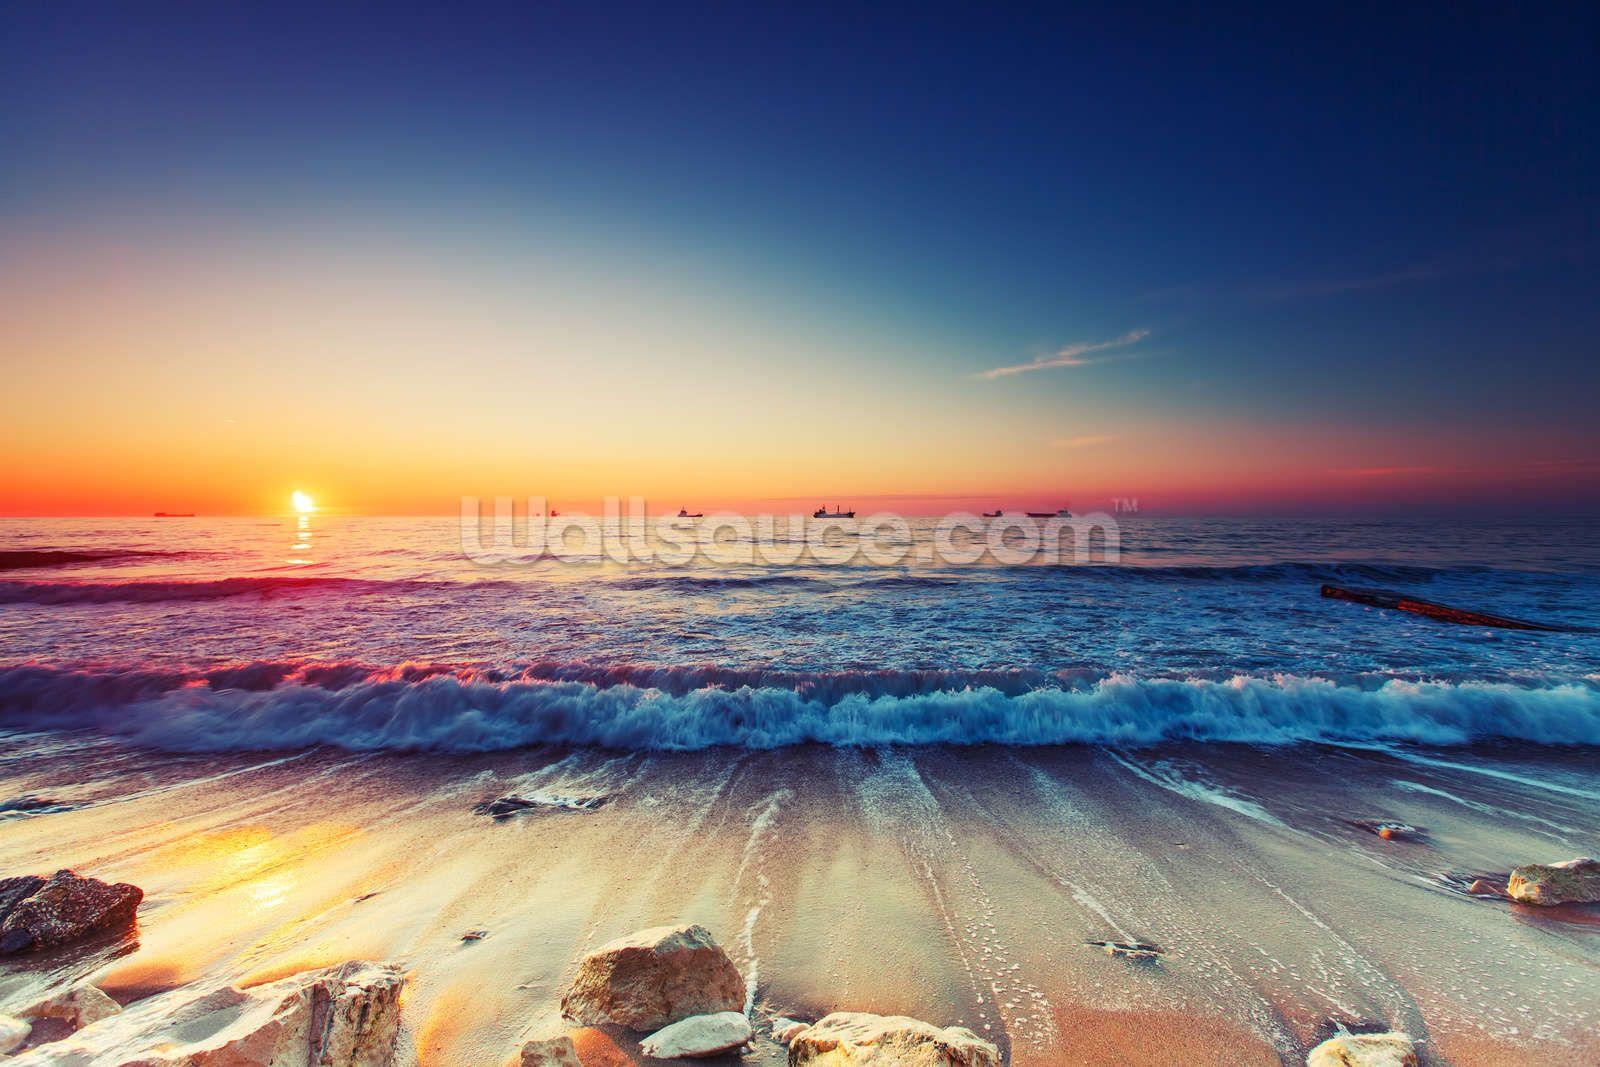 Colourful Sunrise Over The Sea Beautiful Landscape Wallpaper Landscape Wallpaper Sunrise Colors